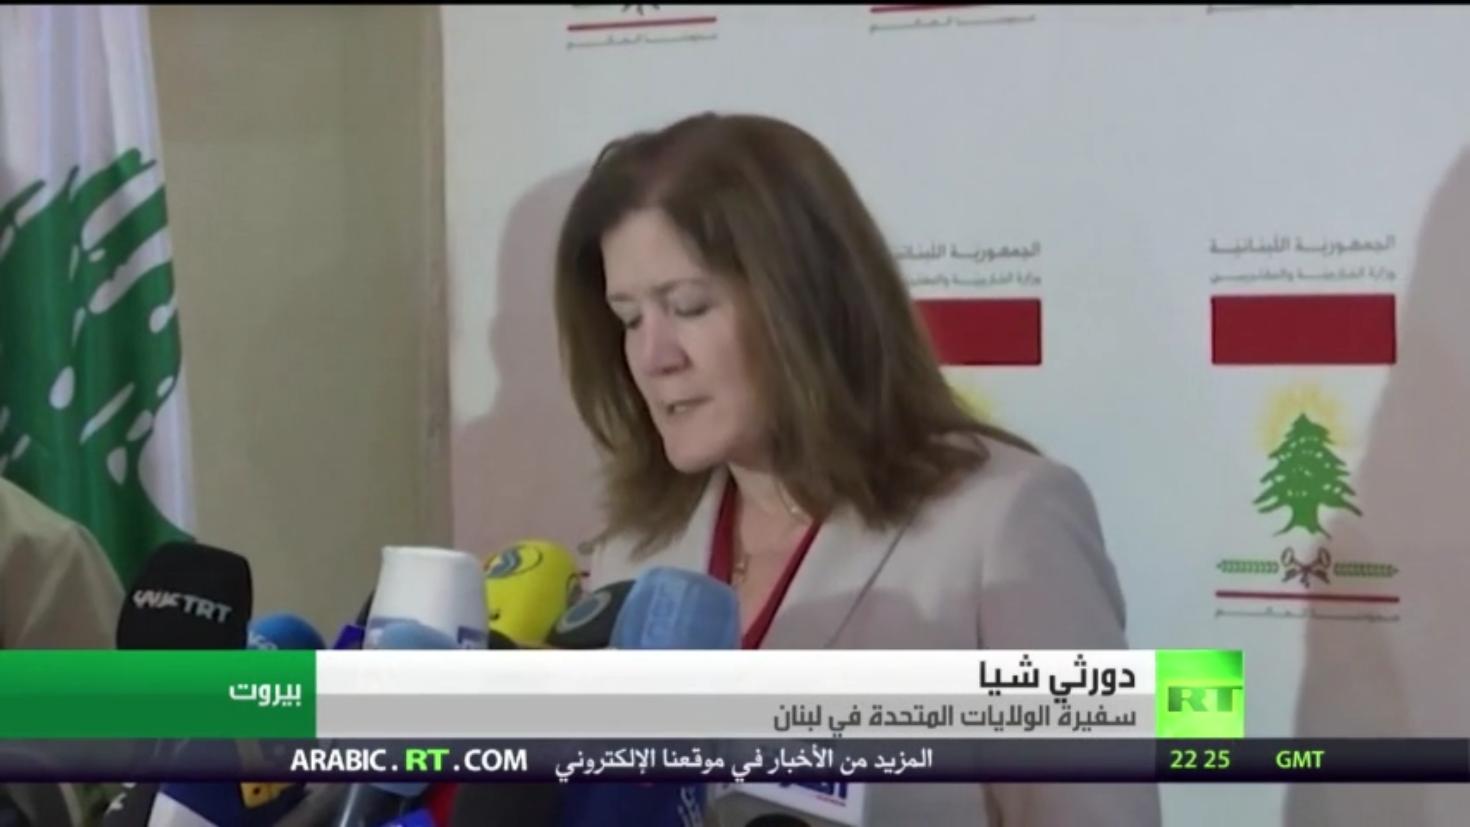 دورثي تطوي صفحة قرار القضاء اللبناني